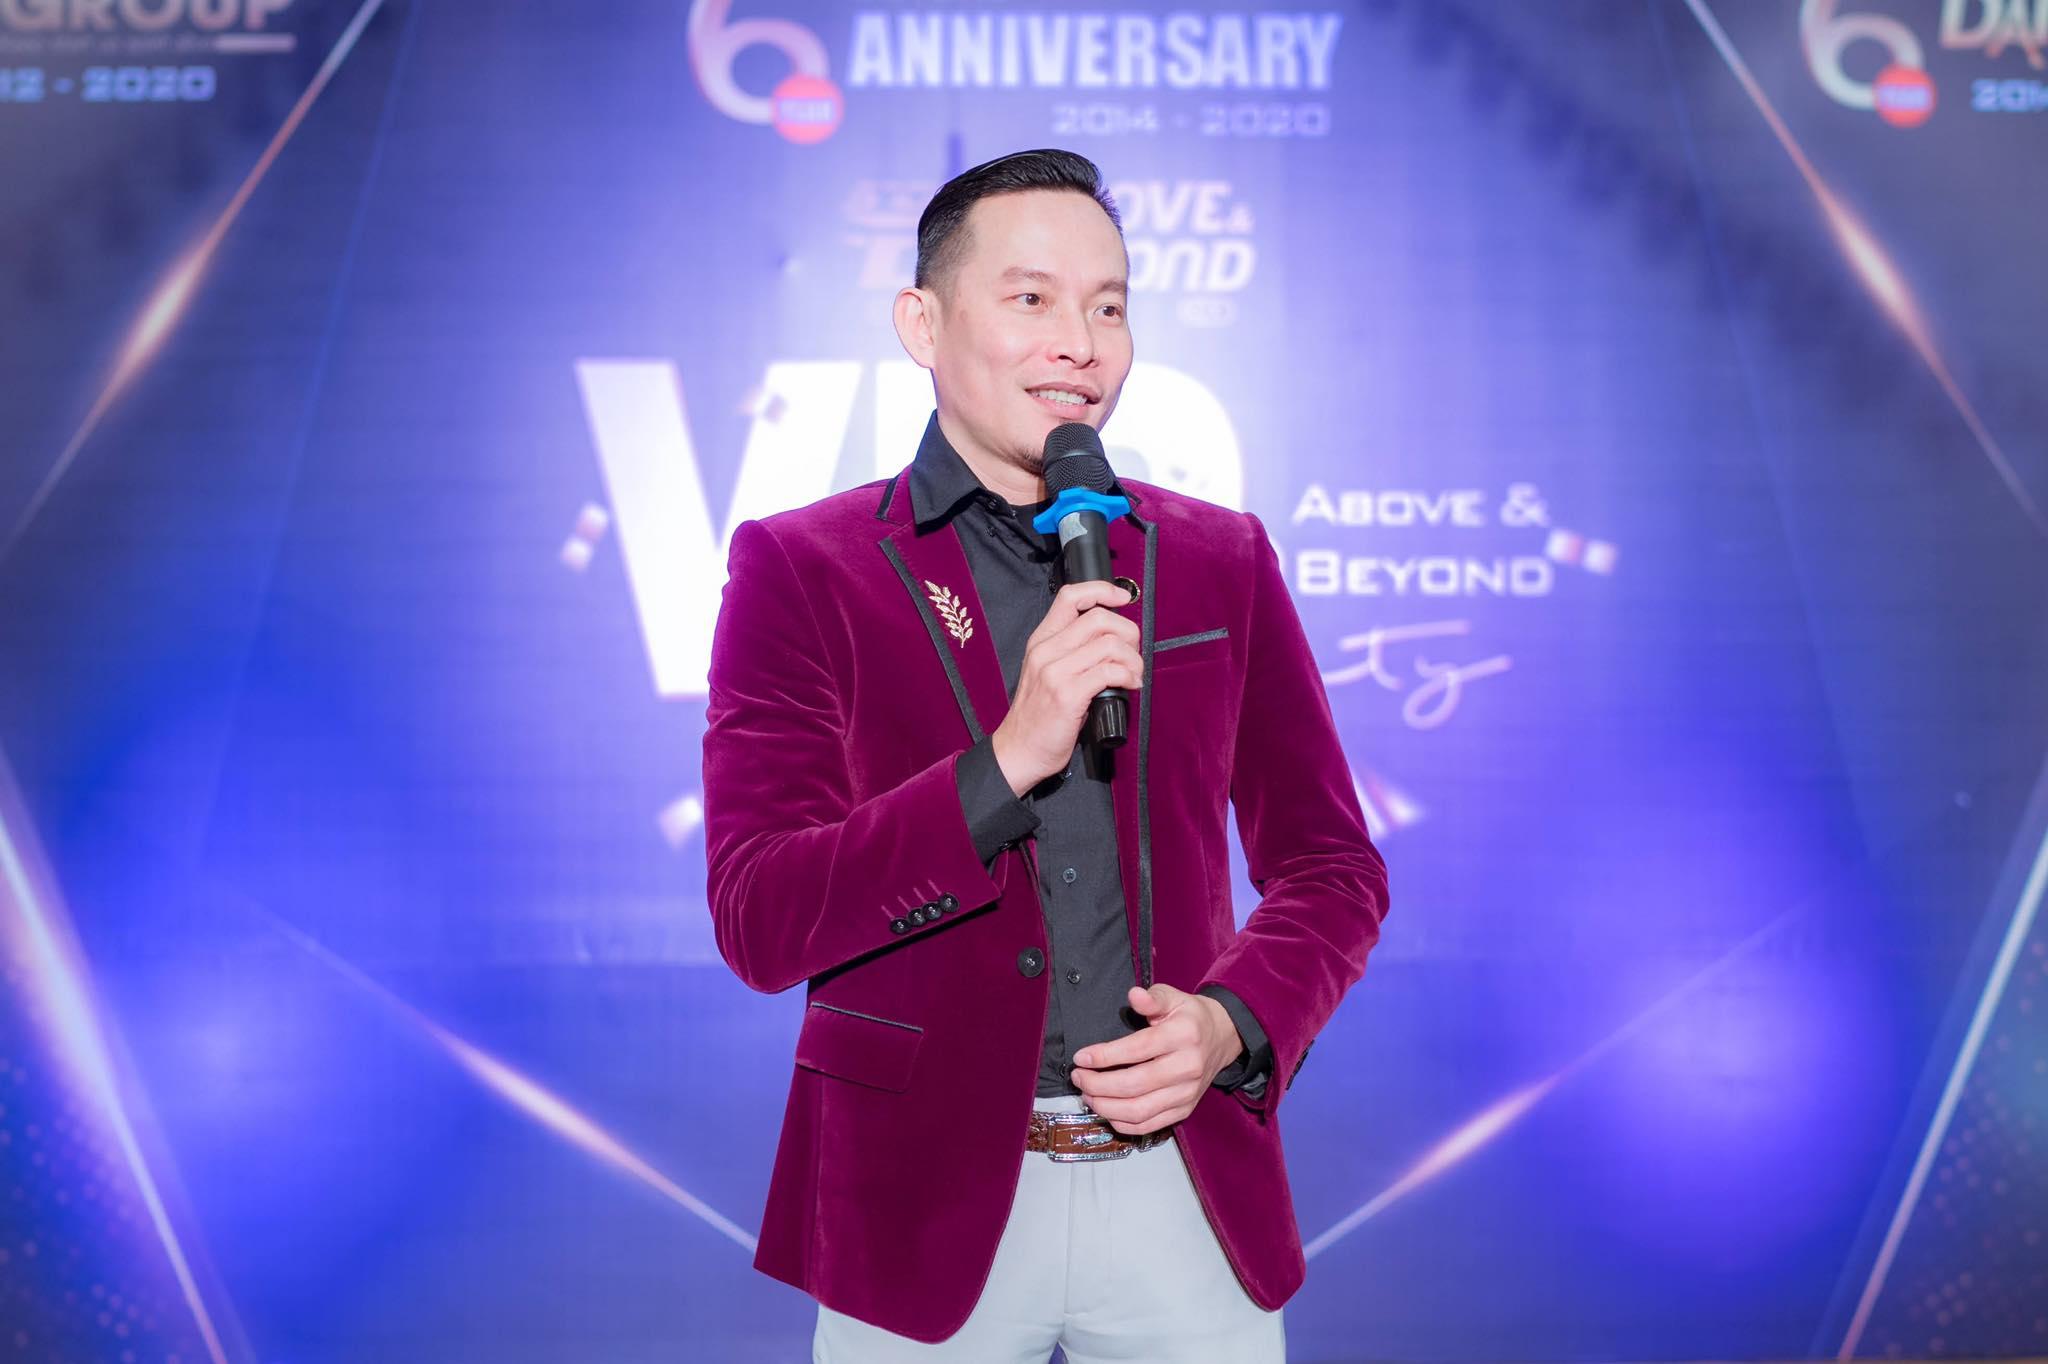 HỒ HUỲNH DUY - Chủ tịch HDTV và câu chuyện đưa Damode chinh phục Thế Giới